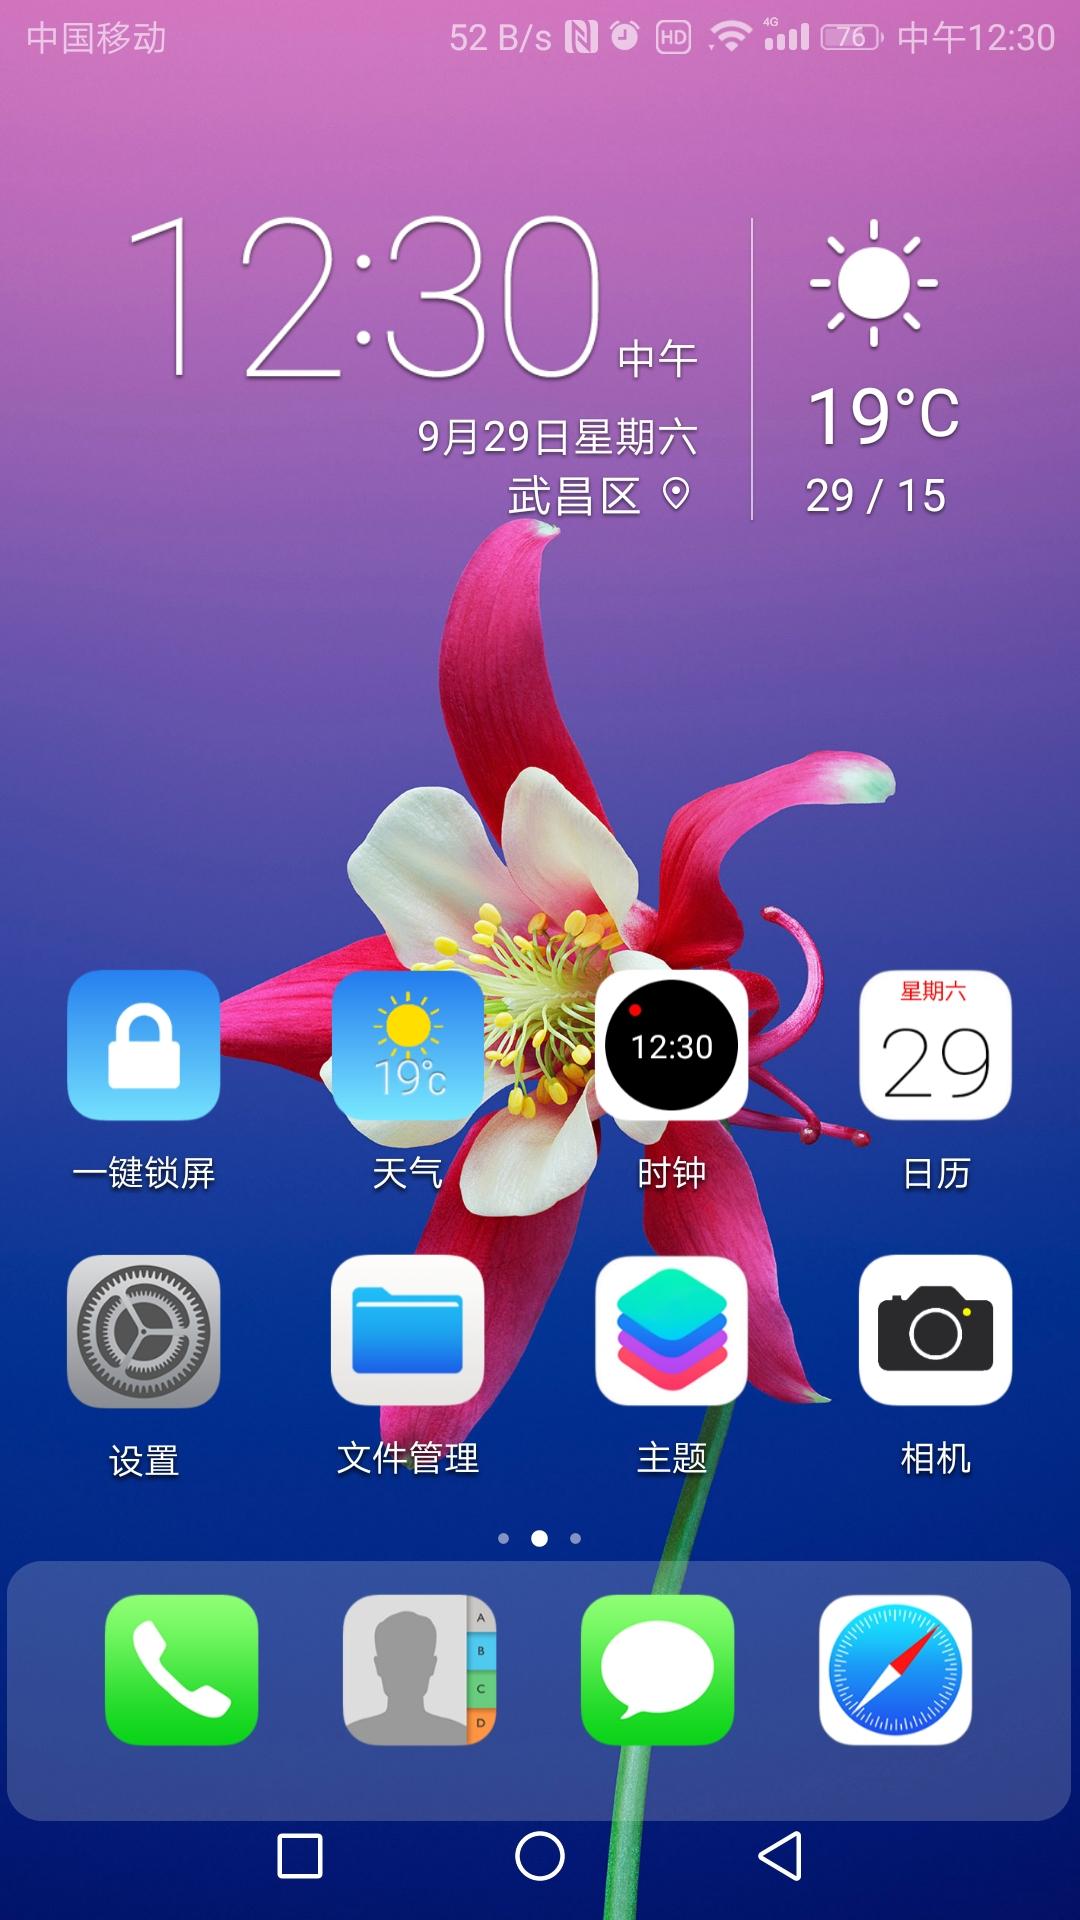 Screenshot_20180929-123044.jpg